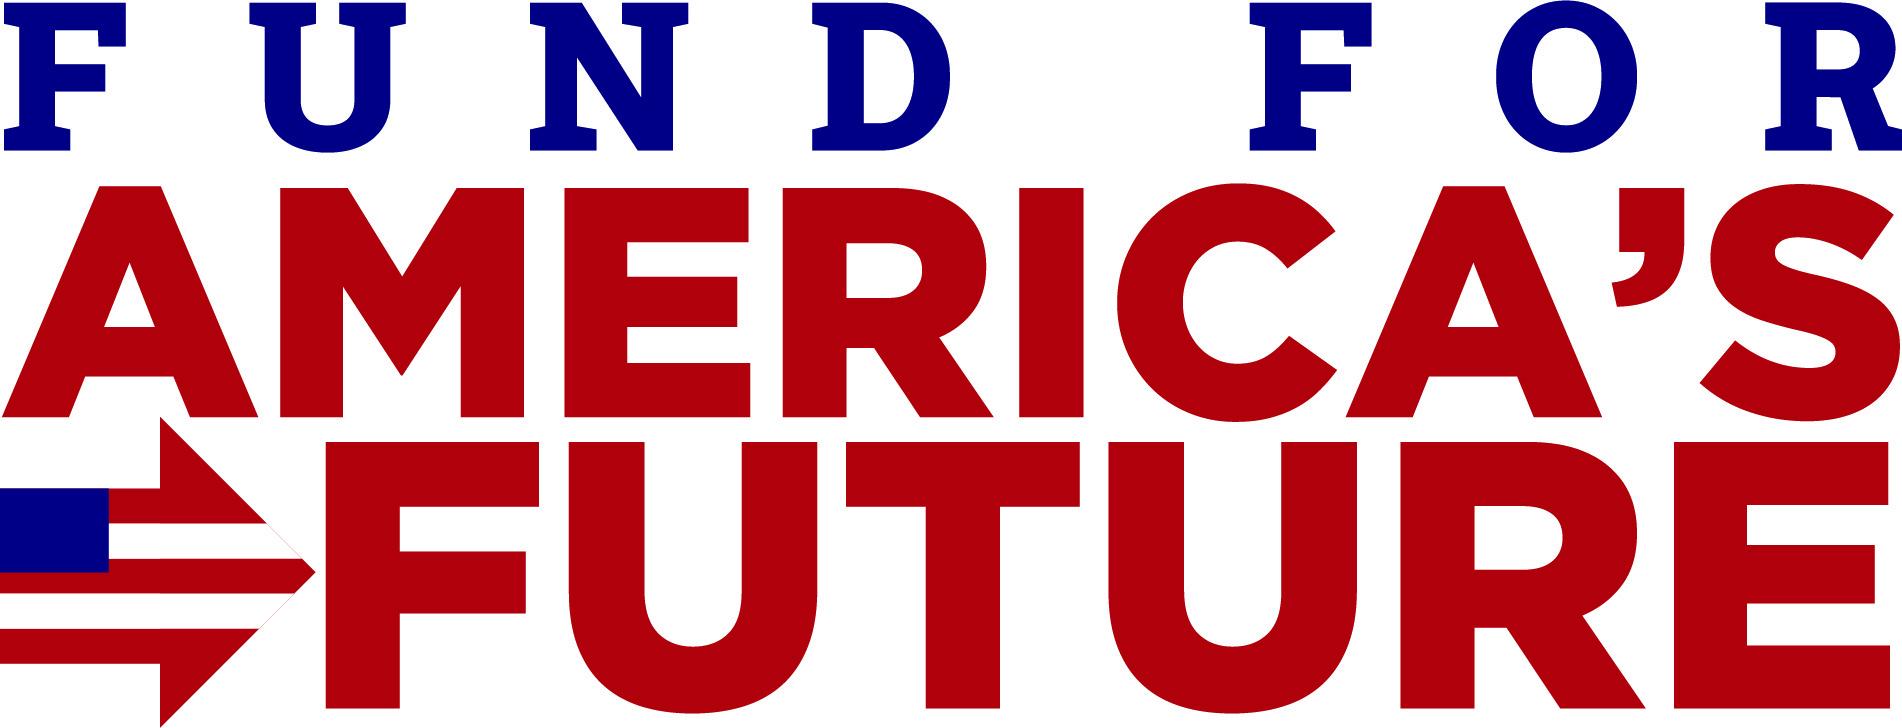 Ffaf logo 2020